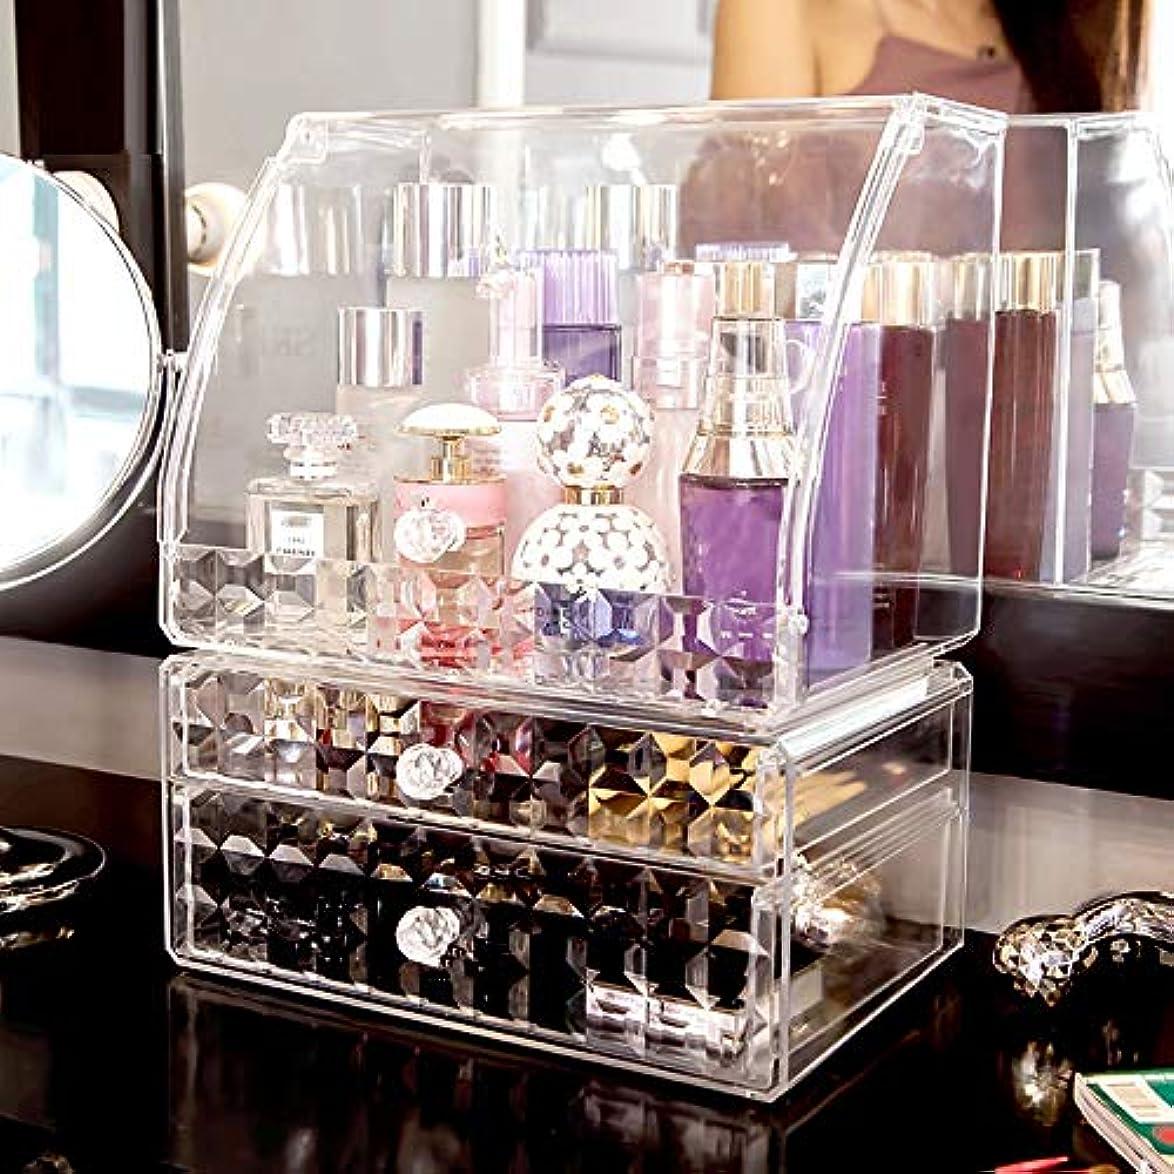 シンジケート情報サリー化粧オーガナイザー化粧品のオルガナイザーの化粧台の口紅のスキンケアプロダクト卓上ラック、大容量の化粧品の収納箱